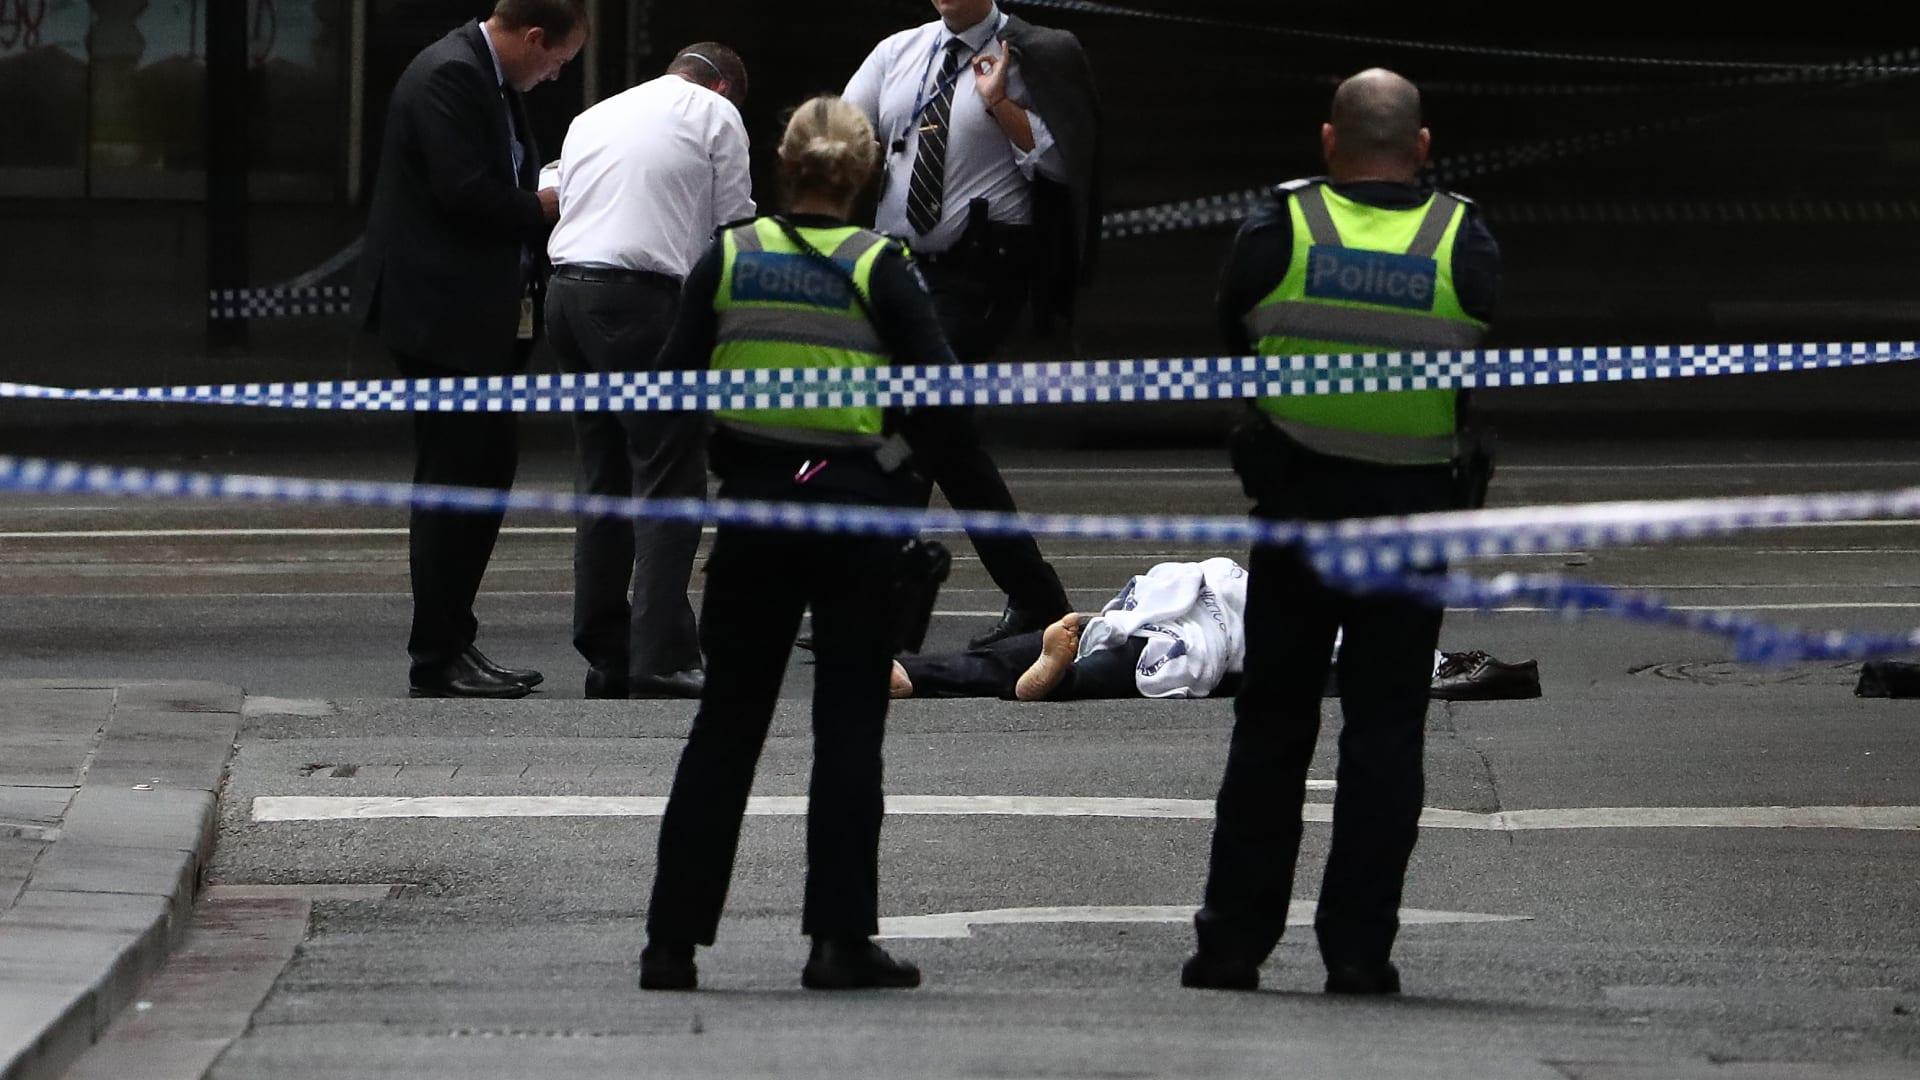 الشرطة الأسترالية: وفاة المشتبه بتنفيذه هجوم الطعن.. والتعامل مع الحادث كعمل إرهابي